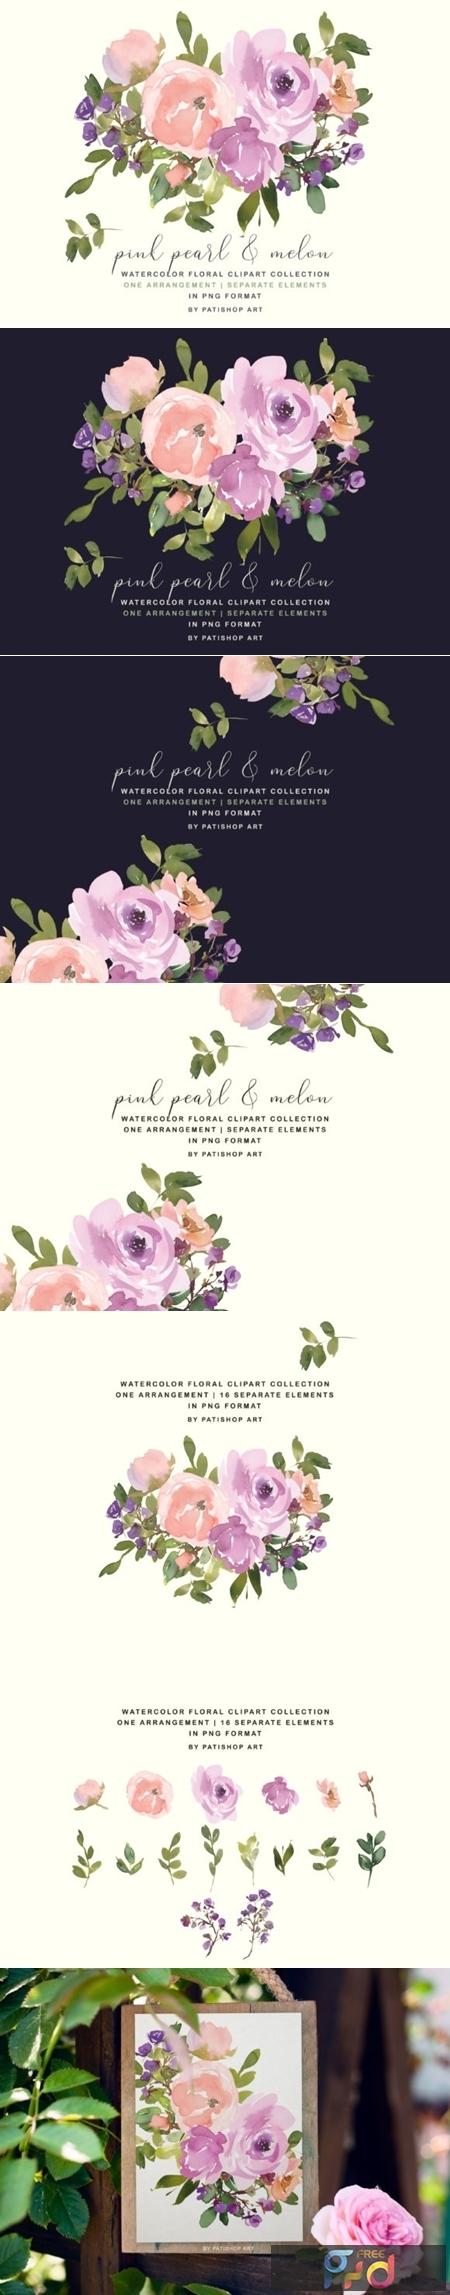 Blush Pink Watercolor Floral Bouquet Set 2544423 1